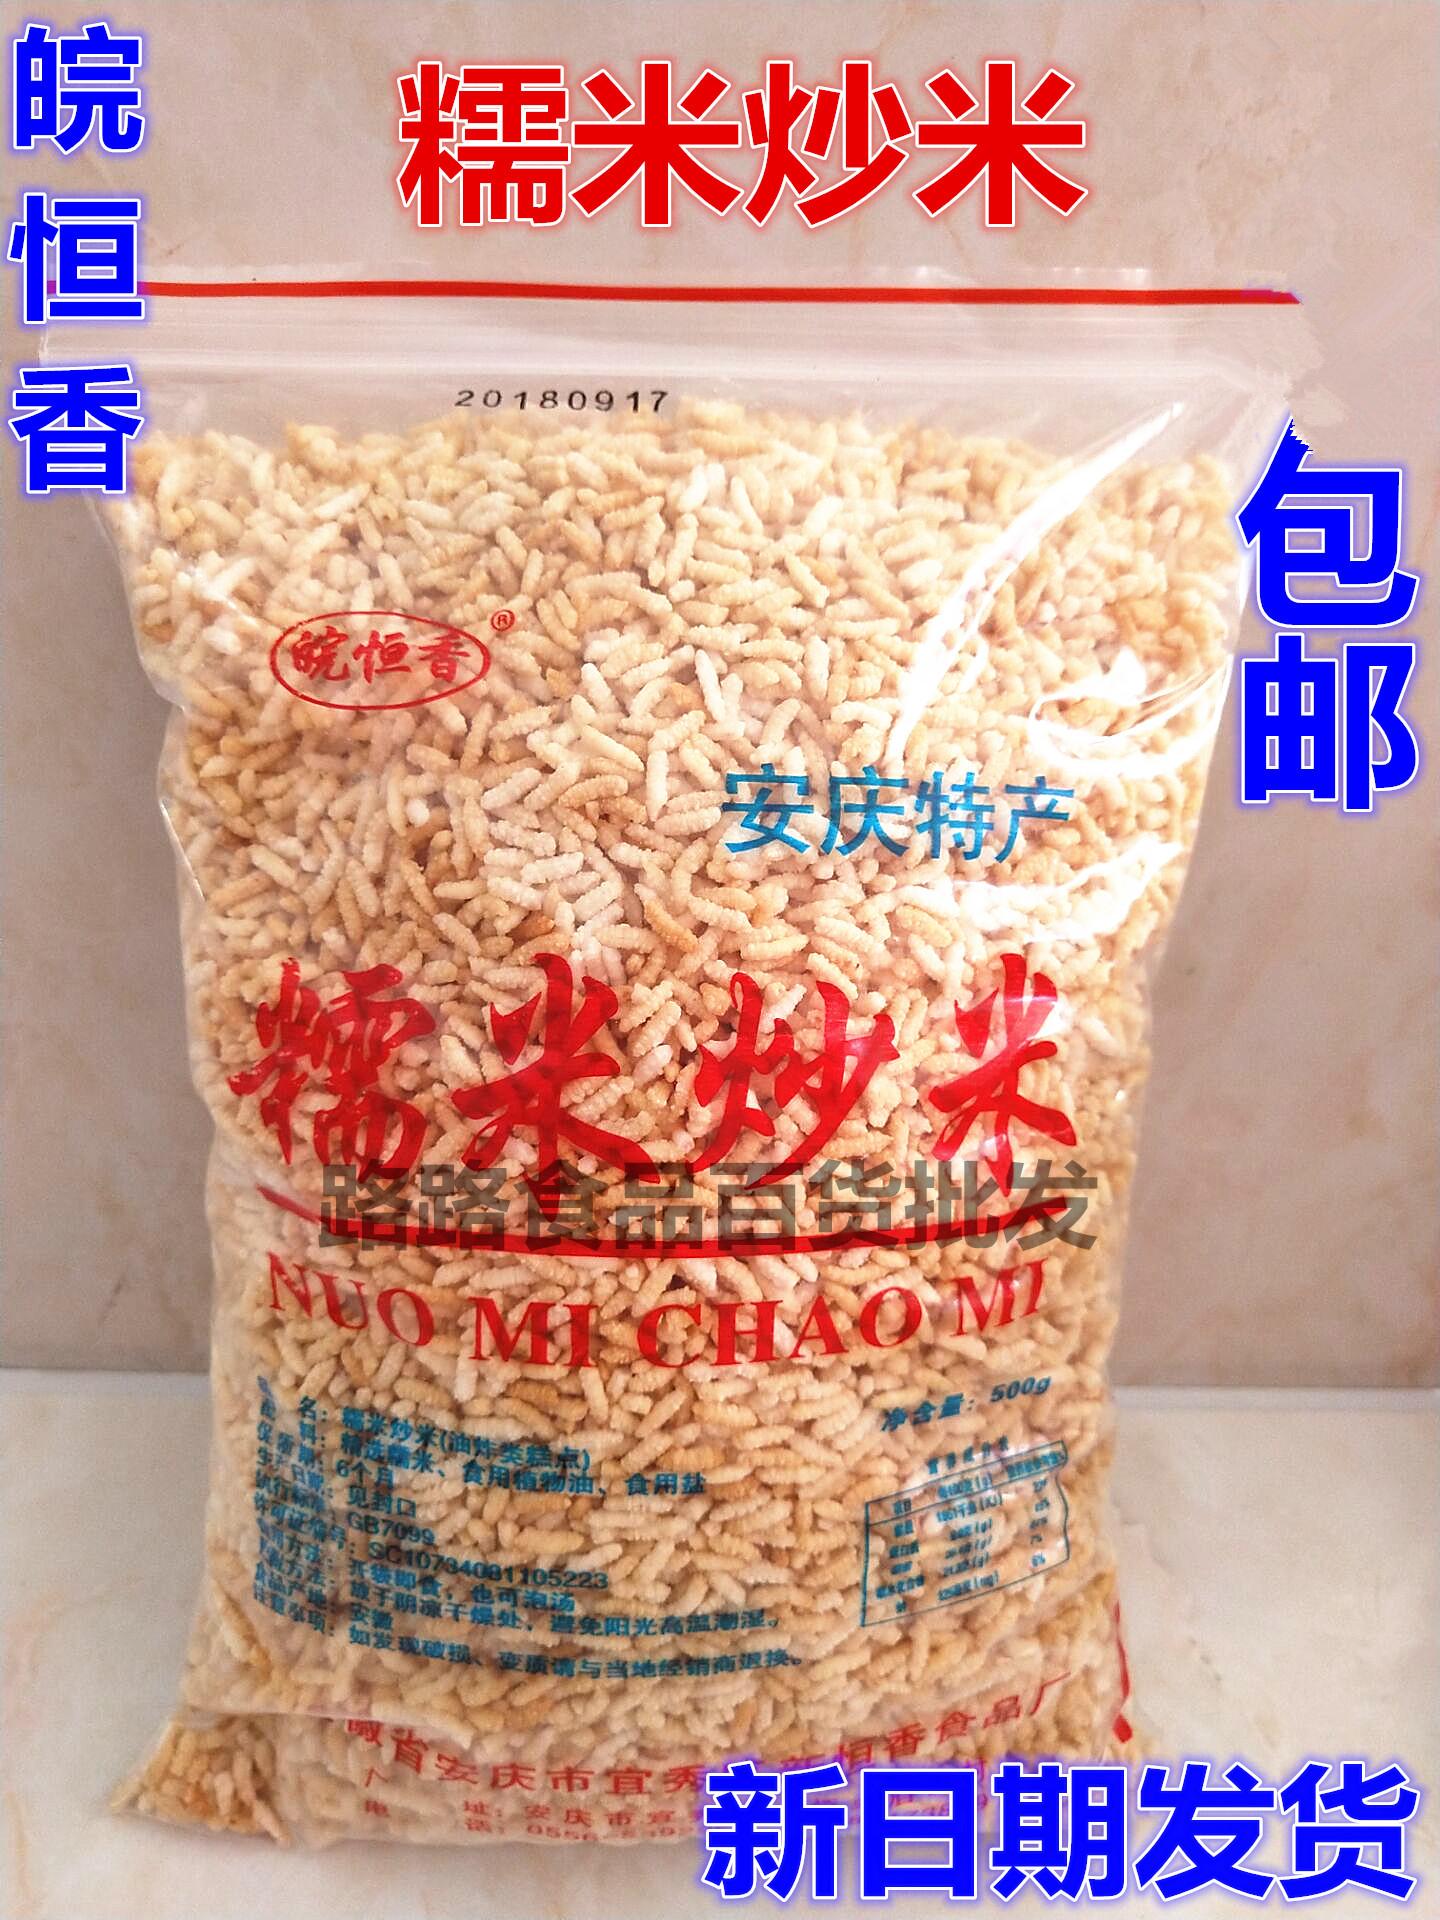 斤起包 3 月份拍 11 皖恒香糯米锅巴安庆特产炒米小磨炒米粉芝麻粉